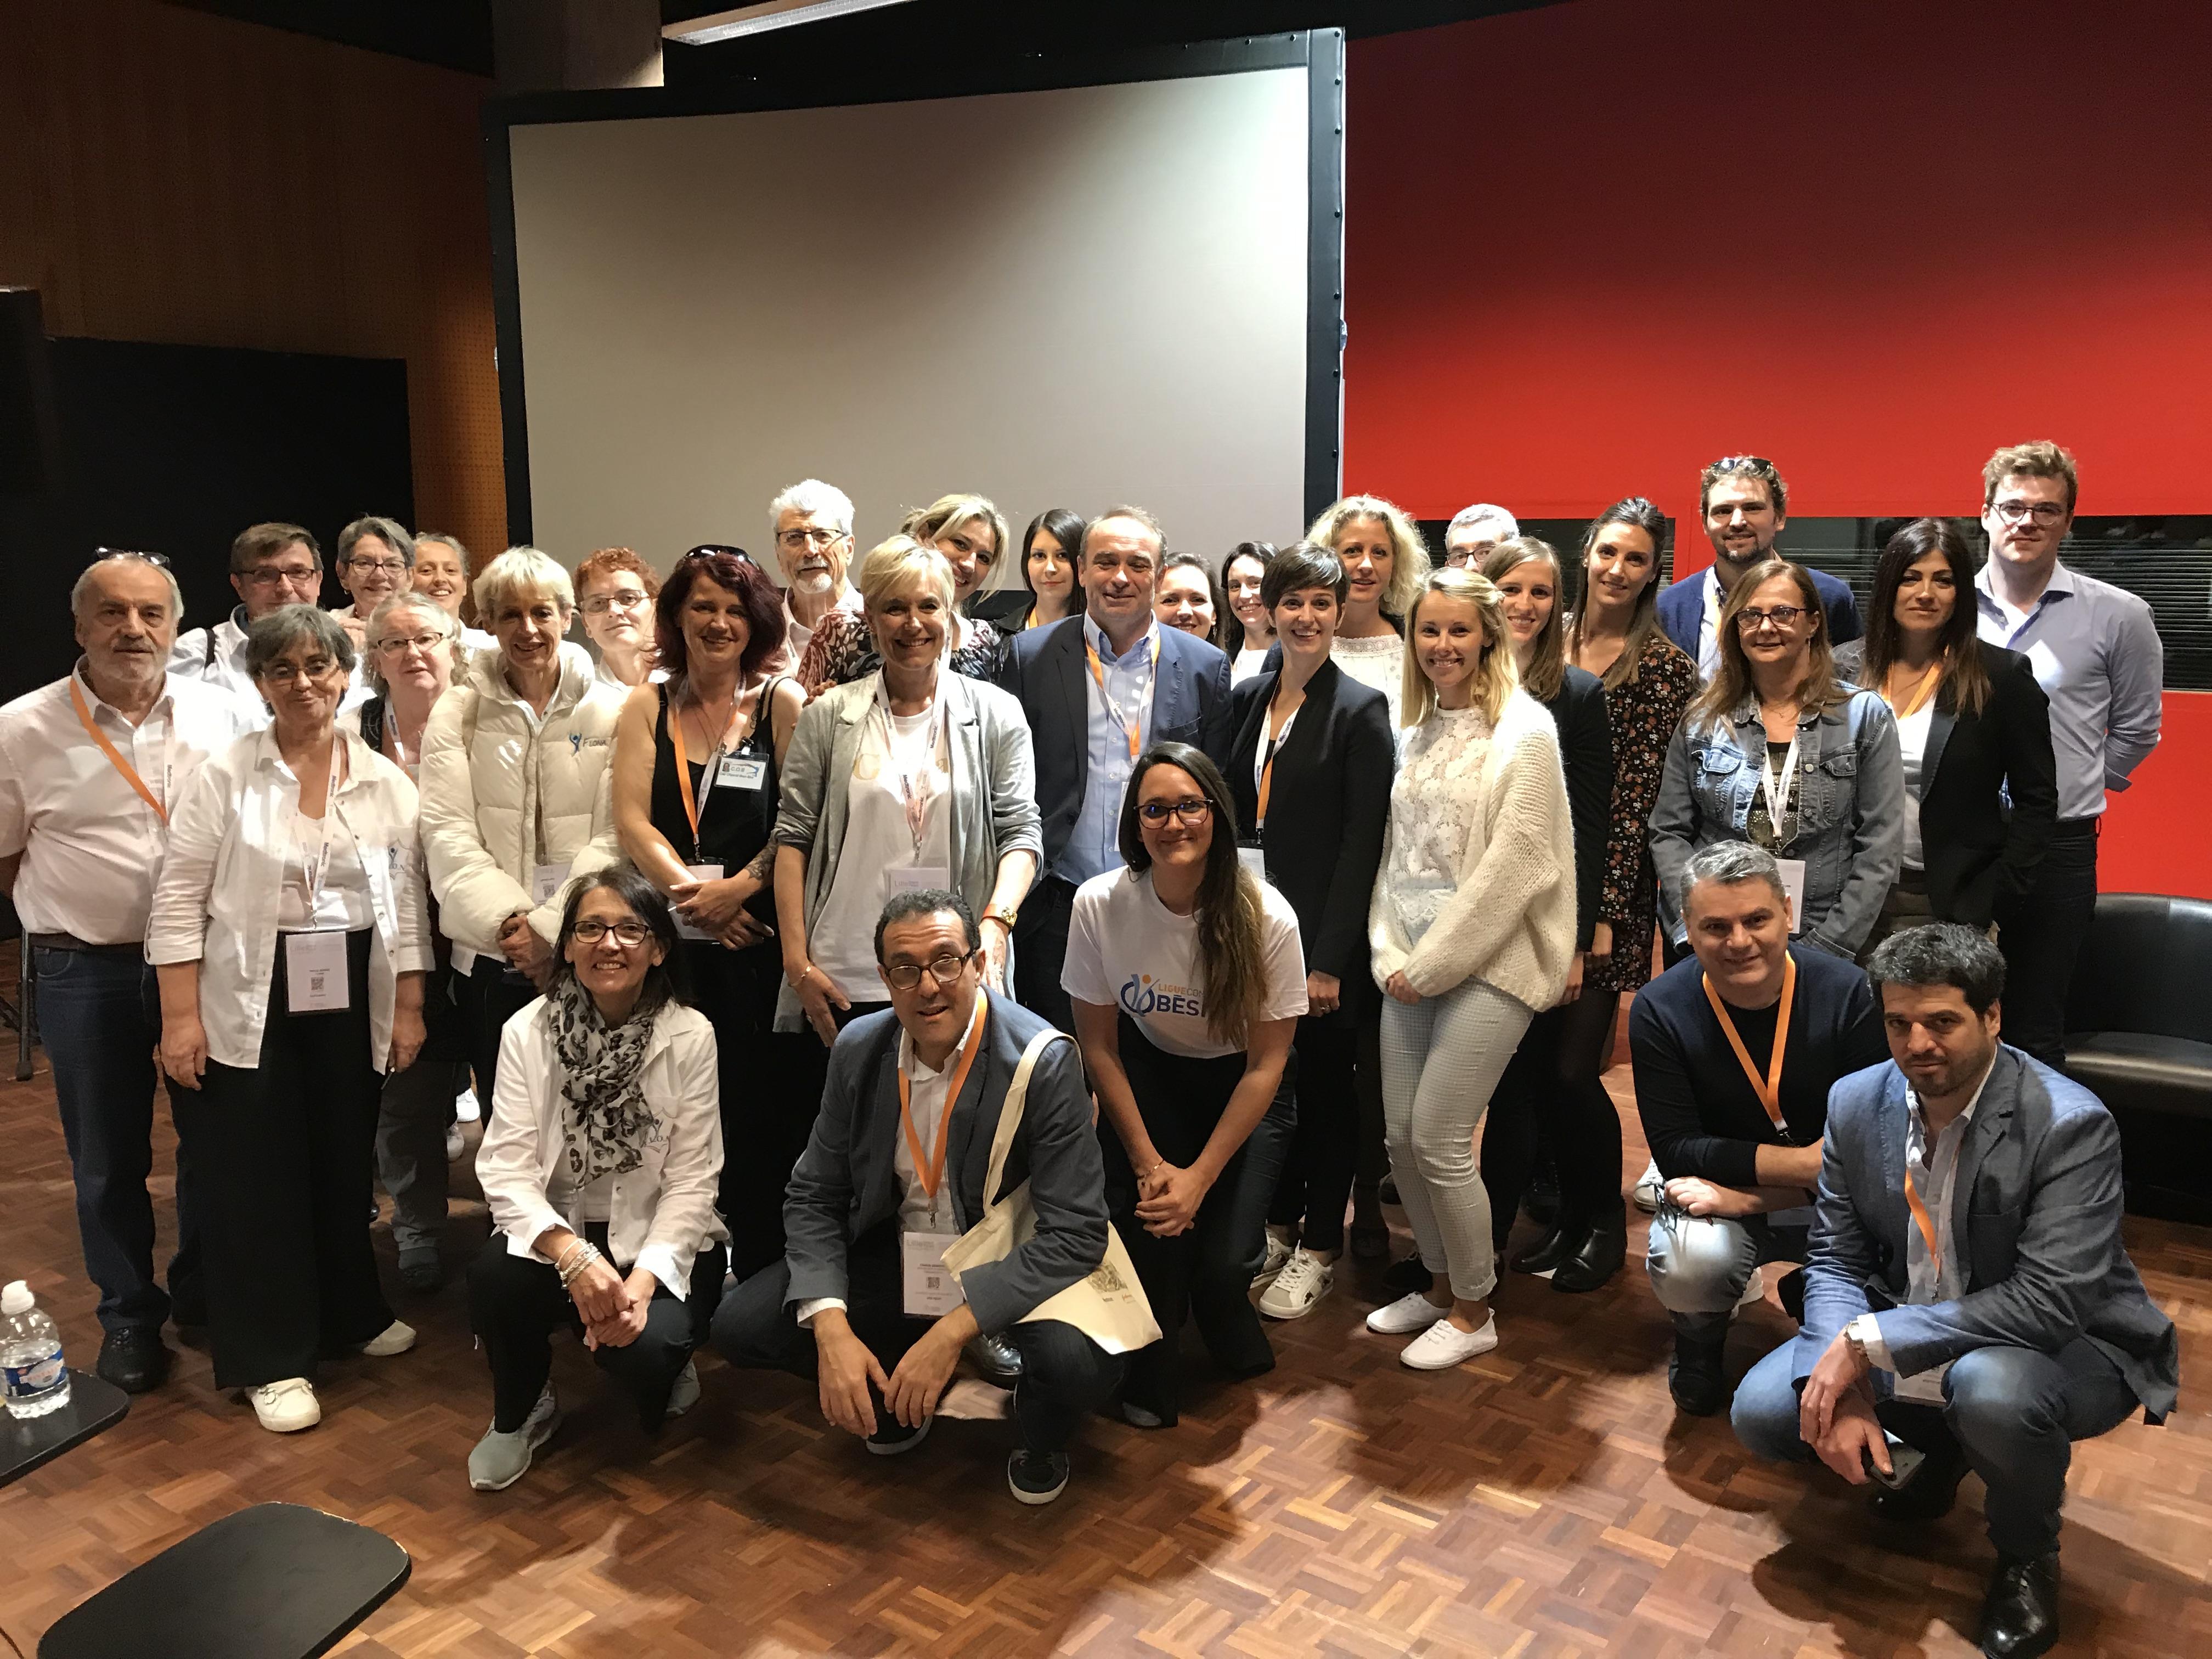 La Ligue nationale contre l'obésité a délocalisé son assemblée générale. Profitant de la présence à Lille pour la Soffco, la LCO a mis le focus sur son activité 2018.